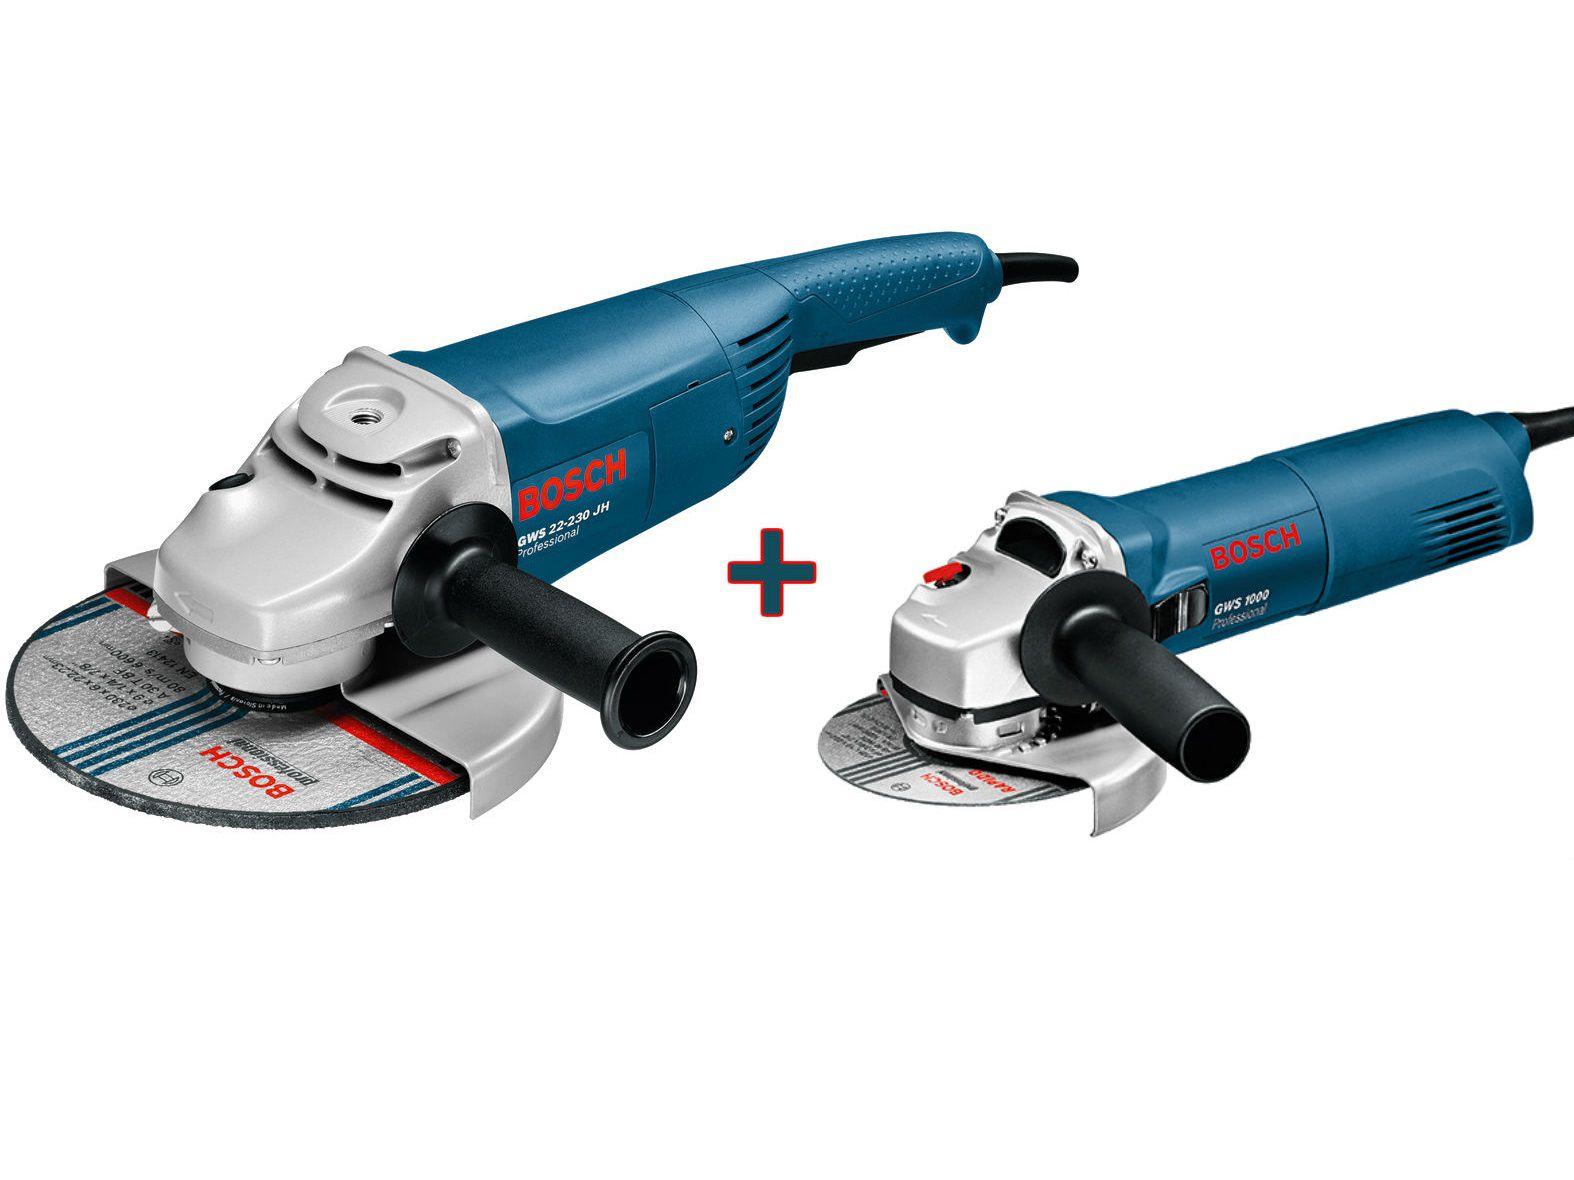 Úhlová bruska Bosch GWS 22-230 JH Professional, 230mm, 2200W + Úhlová bruska Bosch GWS 1000 Professional, 125mm, 1000W (0615990H1X)